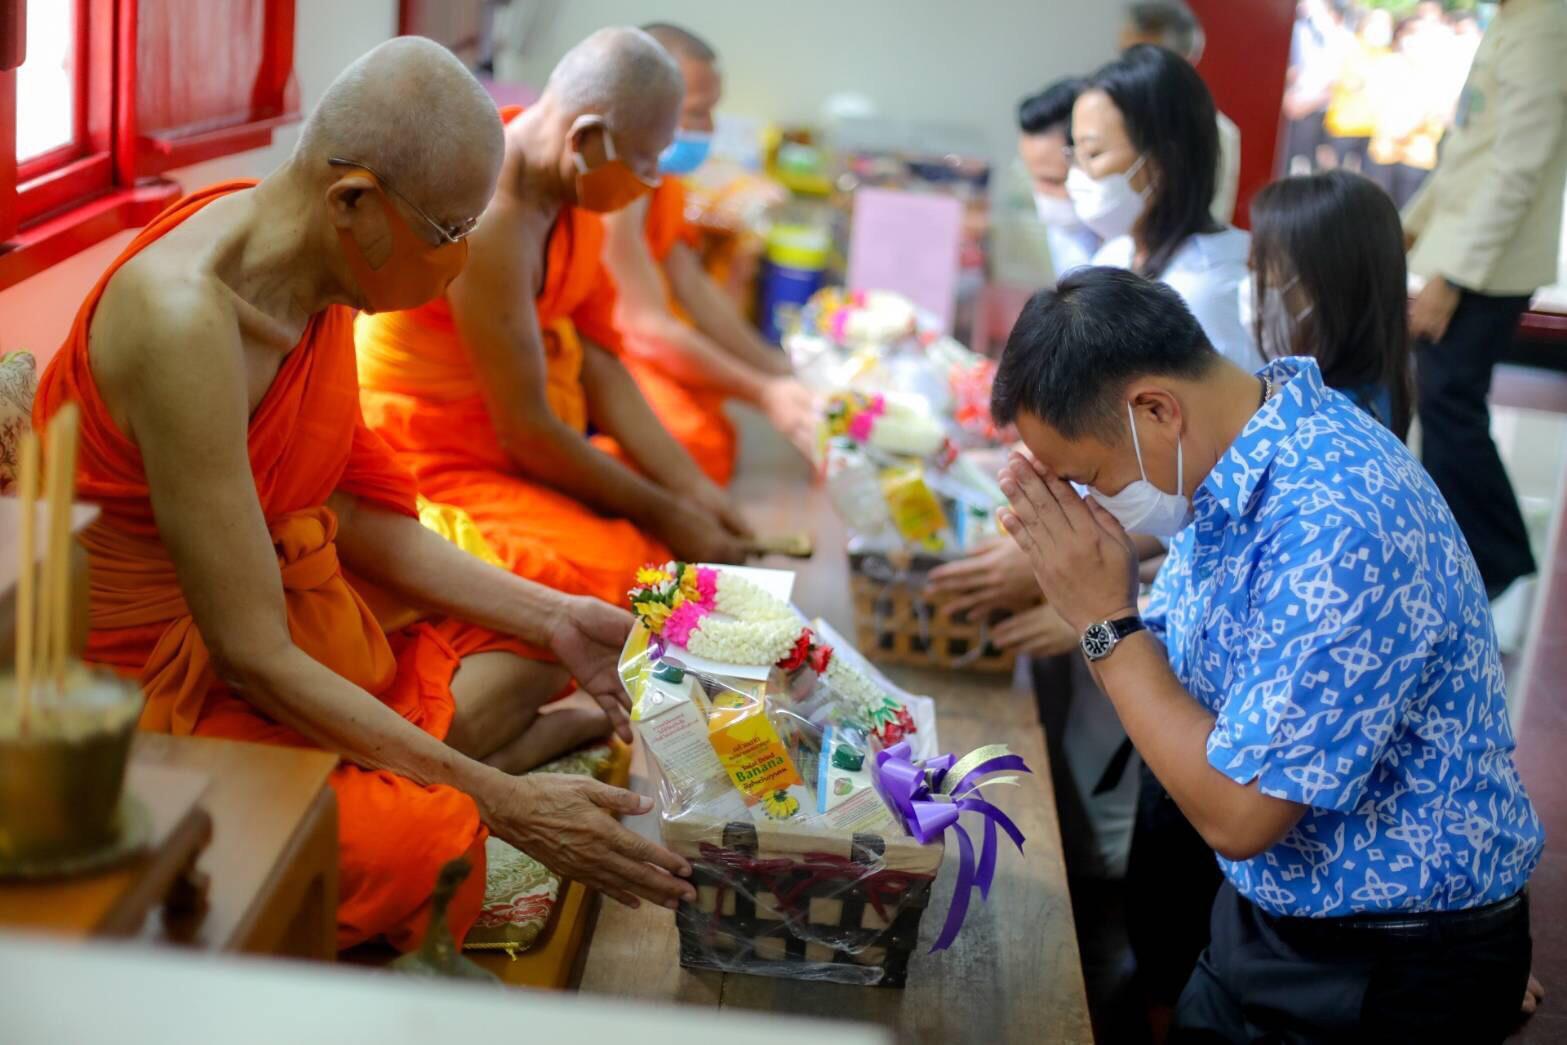 'เสี่ยหนู' ทำบุญวันเกิด 54 ปี อธิษฐานให้ไทยพ้นโควิด-19 โชคดีไม่มีมิตรเป็นโทษ